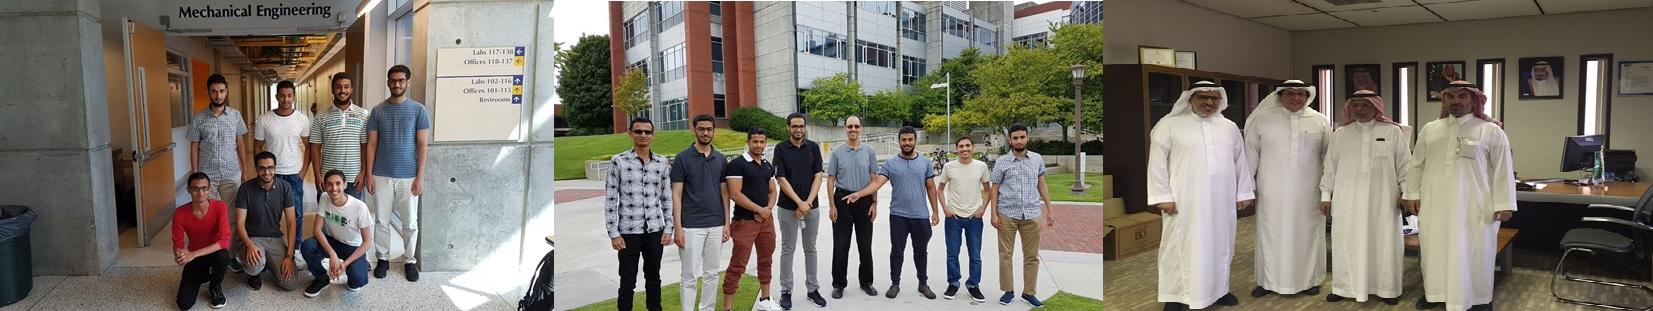 كلية الهندسة تبتعث طلاب... - ضمن مبادرات كلية الهندسة...